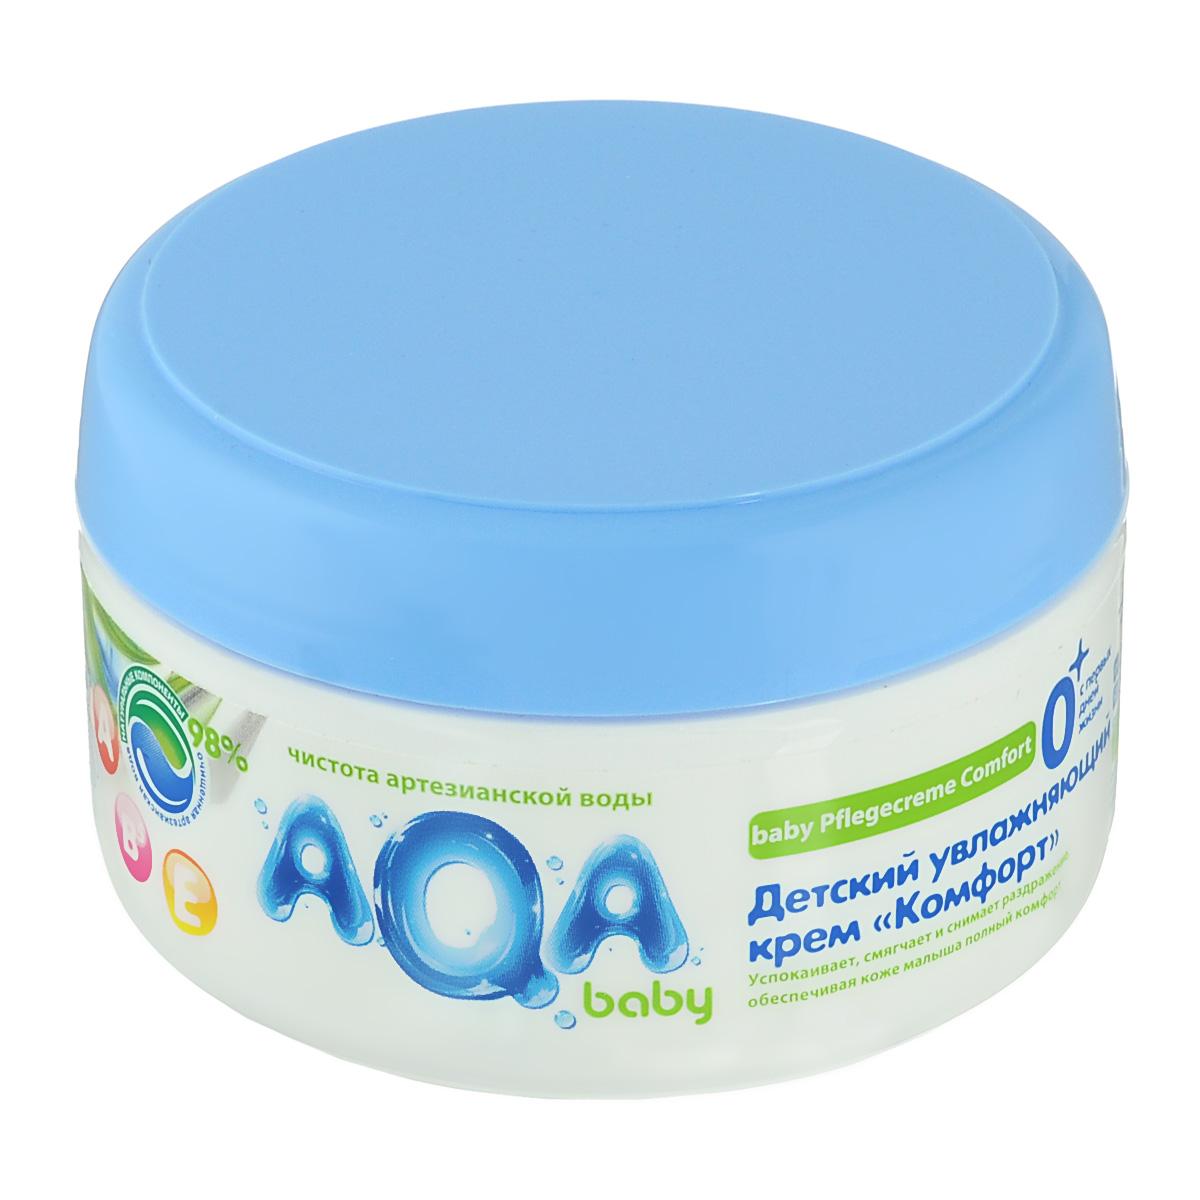 AQA baby Детский увлажняющий крем «Комфорт»2012102Успокаивает, смягчает и снимает раздражение, обеспечивая коже малыша полный комфорт. С натуральным маслом подсолнечника и витаминами А,Е. и В5 98% натуральных компонентов. Применение крема доставляет истинное наслаждение и комфортное ощущение нежной коже: комбинация натурального масла подсолнечника и витаминов А, Е и В5 обеспечивает уход за чувствительной кожей ребенка, успокаивает, смягчает и снимает раздражение. Отсутствие в креме аллергенов и красителей позволяет использовать его для чувствительной кожи ребенка с самого раннего возраста.